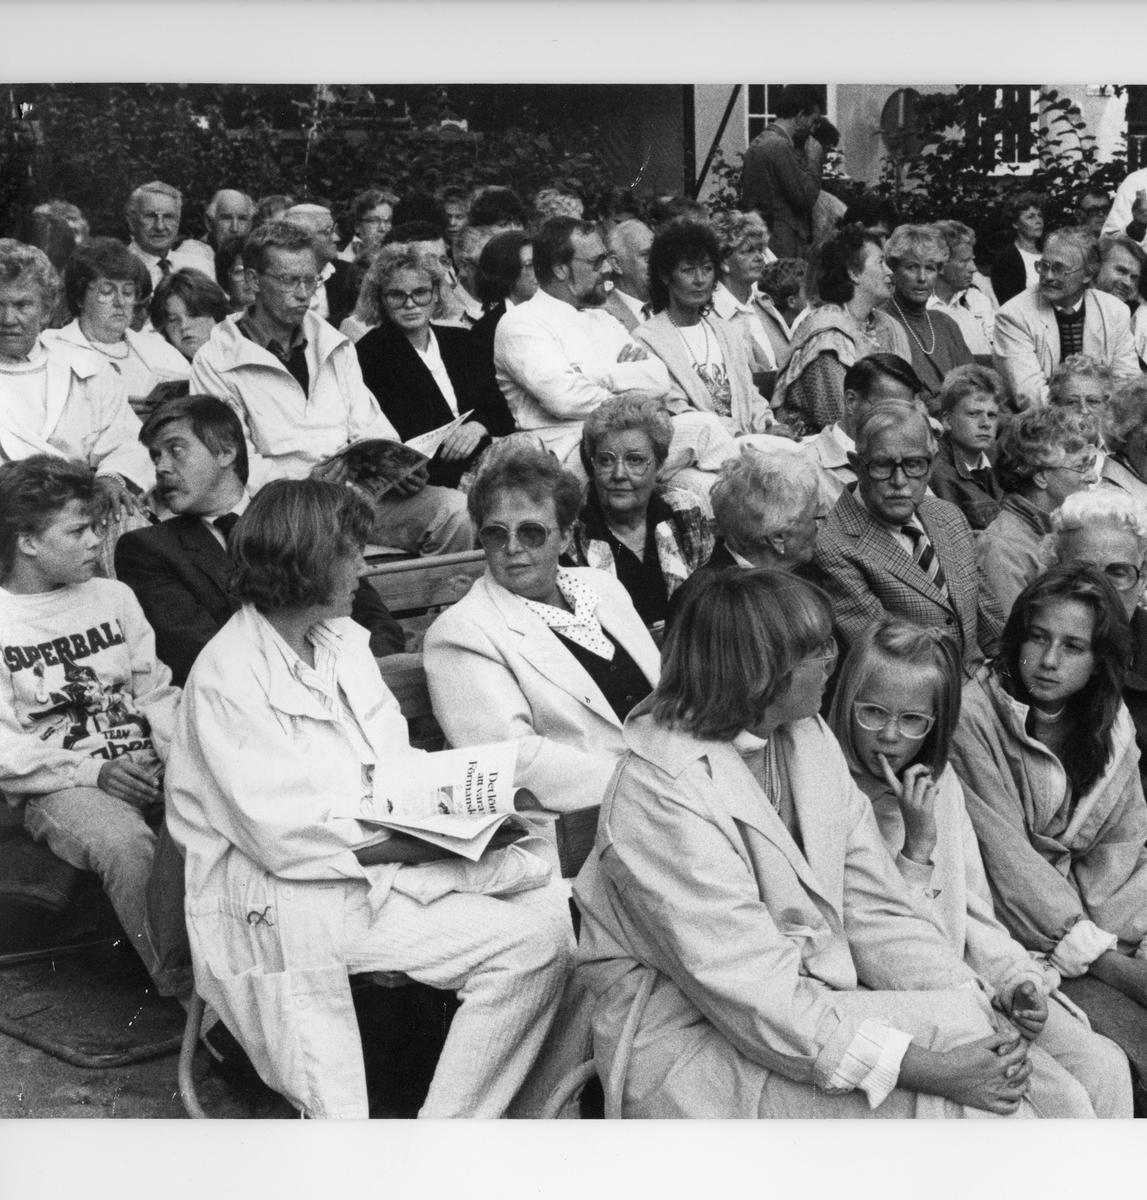 """Publiken samlad för att se föreställningen """"Giv oss fred"""" på museets innegård. På andra raden nerifrån, tvåa från vänster, sitter Birgit Johansson. """"Giv oss fred"""", även kallat """"Arbogaspelet"""", är ett teaterstycke skrivet av Rune Lindström 1961. Handlingen, som är inspirerad av Arbogas klosterhistoria, är förlagt till början av 1500-talet. Uruppförandet skedde den 11 augusti 1962 och Rune Lindström spelade Engelbrekt Gertsson. Lions Club i Arboga stod för arrangemanget. Föreställningarna regnade bort och det blev ett stort ekonomiskt bakslag för föreningen. Spelet har framförts igen; 1987, 1988, 2012 och 2015 av medlemmar i """"Bygdespelets Vänner""""."""